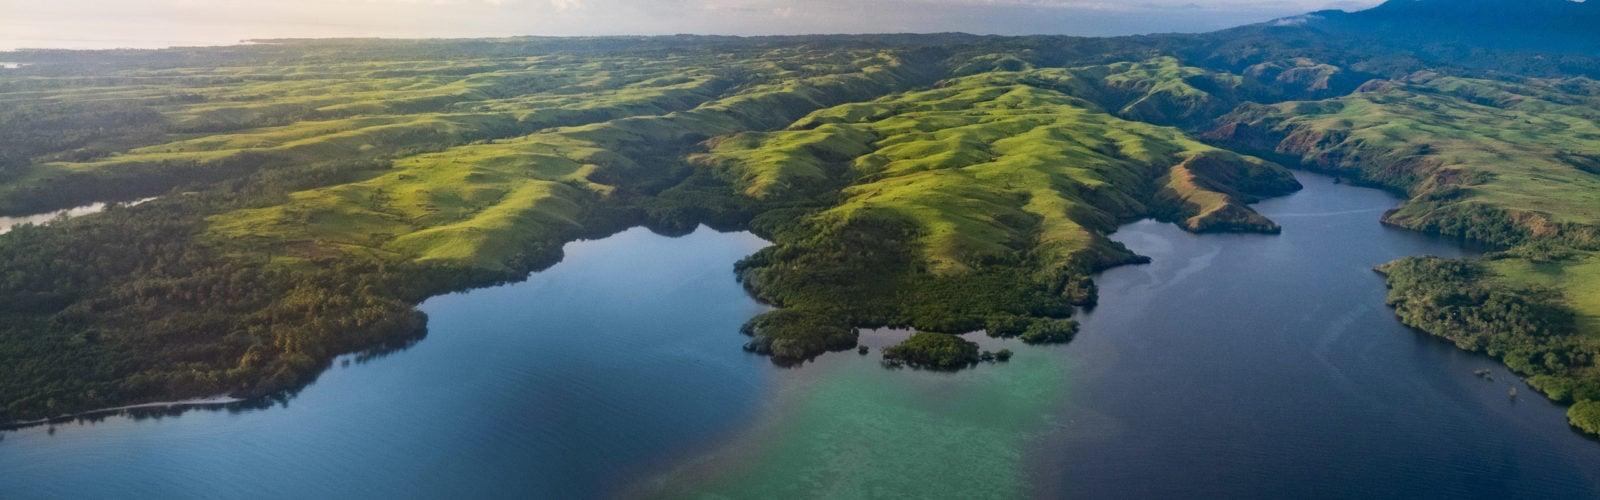 tufi-fjord-papua-new-guinea